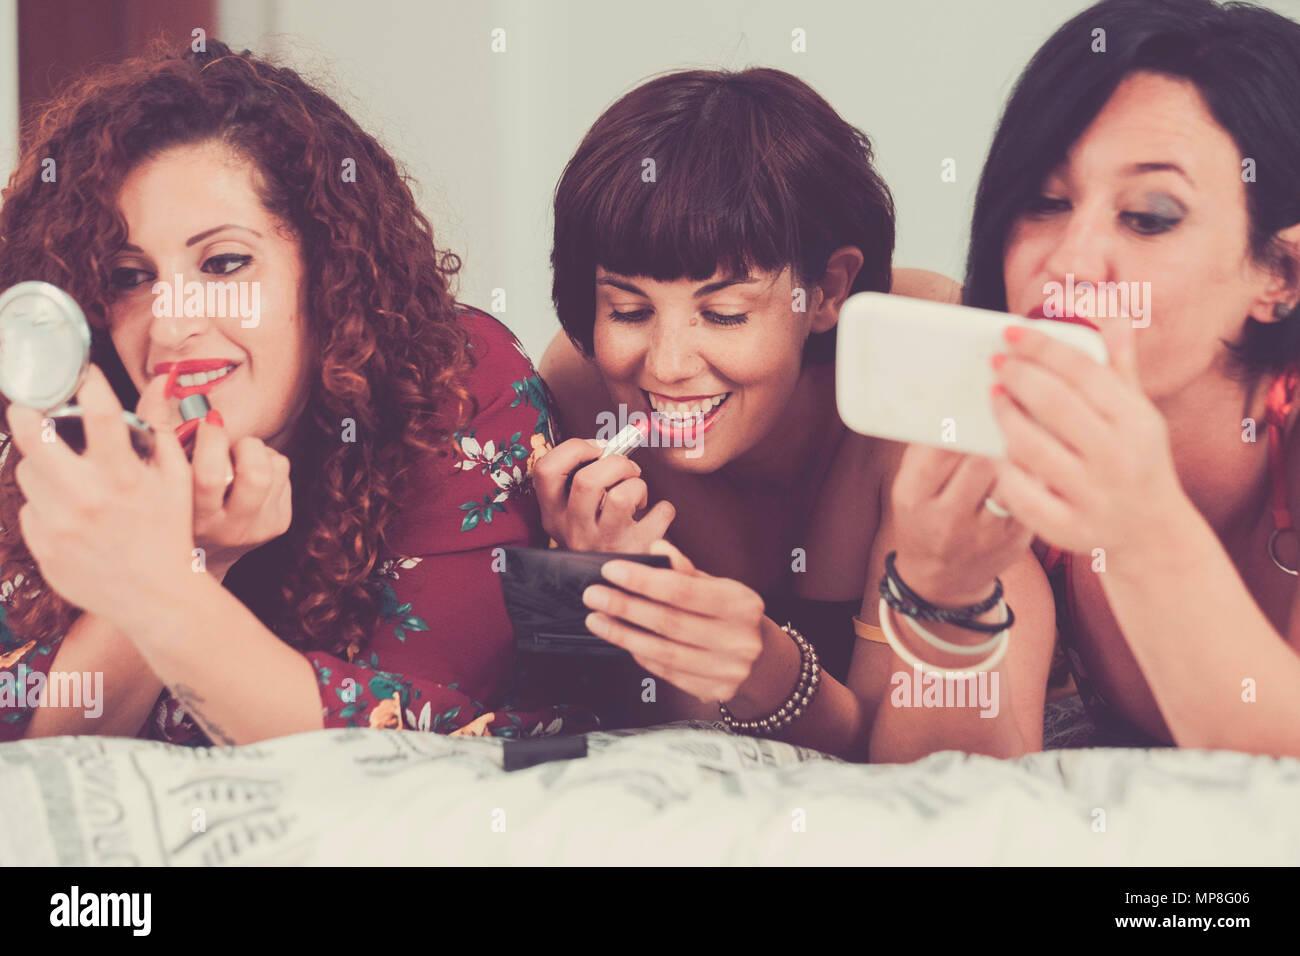 Tres mujeres amigos permanecen junto a echarse sobre la cama haciendo maquillaje antes de ir a las fiestas de noche. amistad concepto uno de ellos usan un móvil p Imagen De Stock